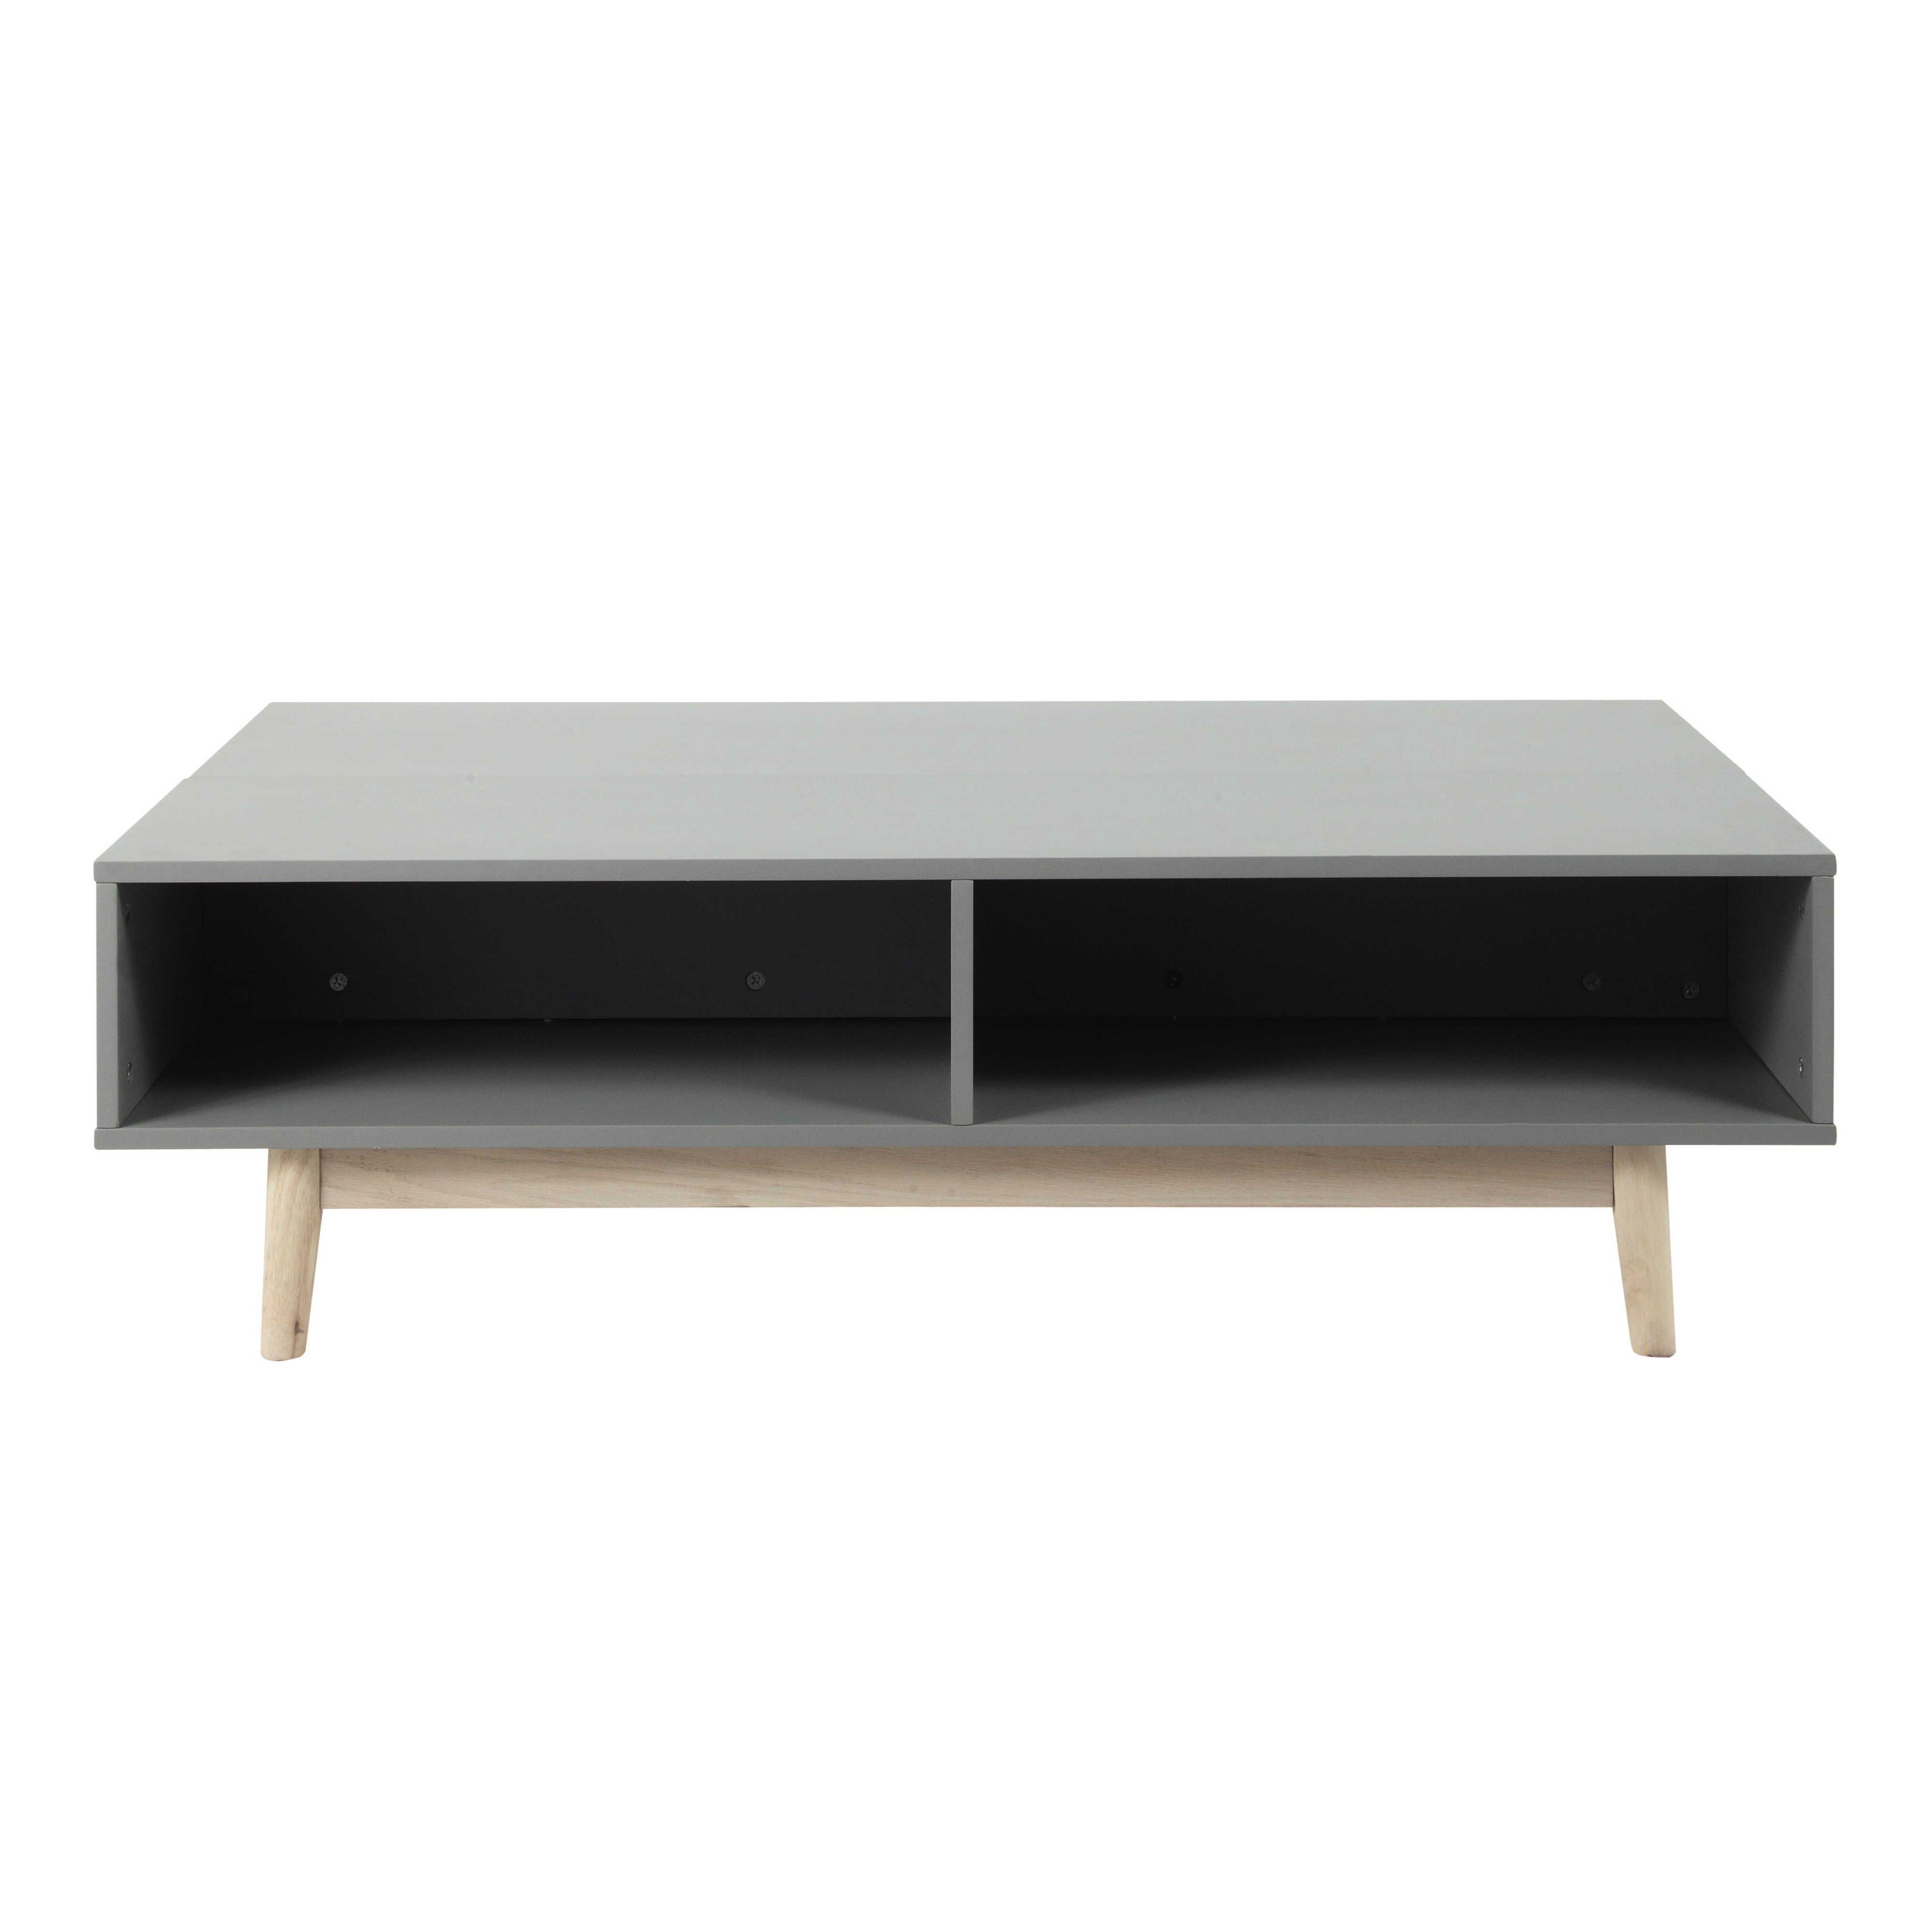 Tische und Bars | Einrichten und Wohnen | Couchtisch, Tisch ...